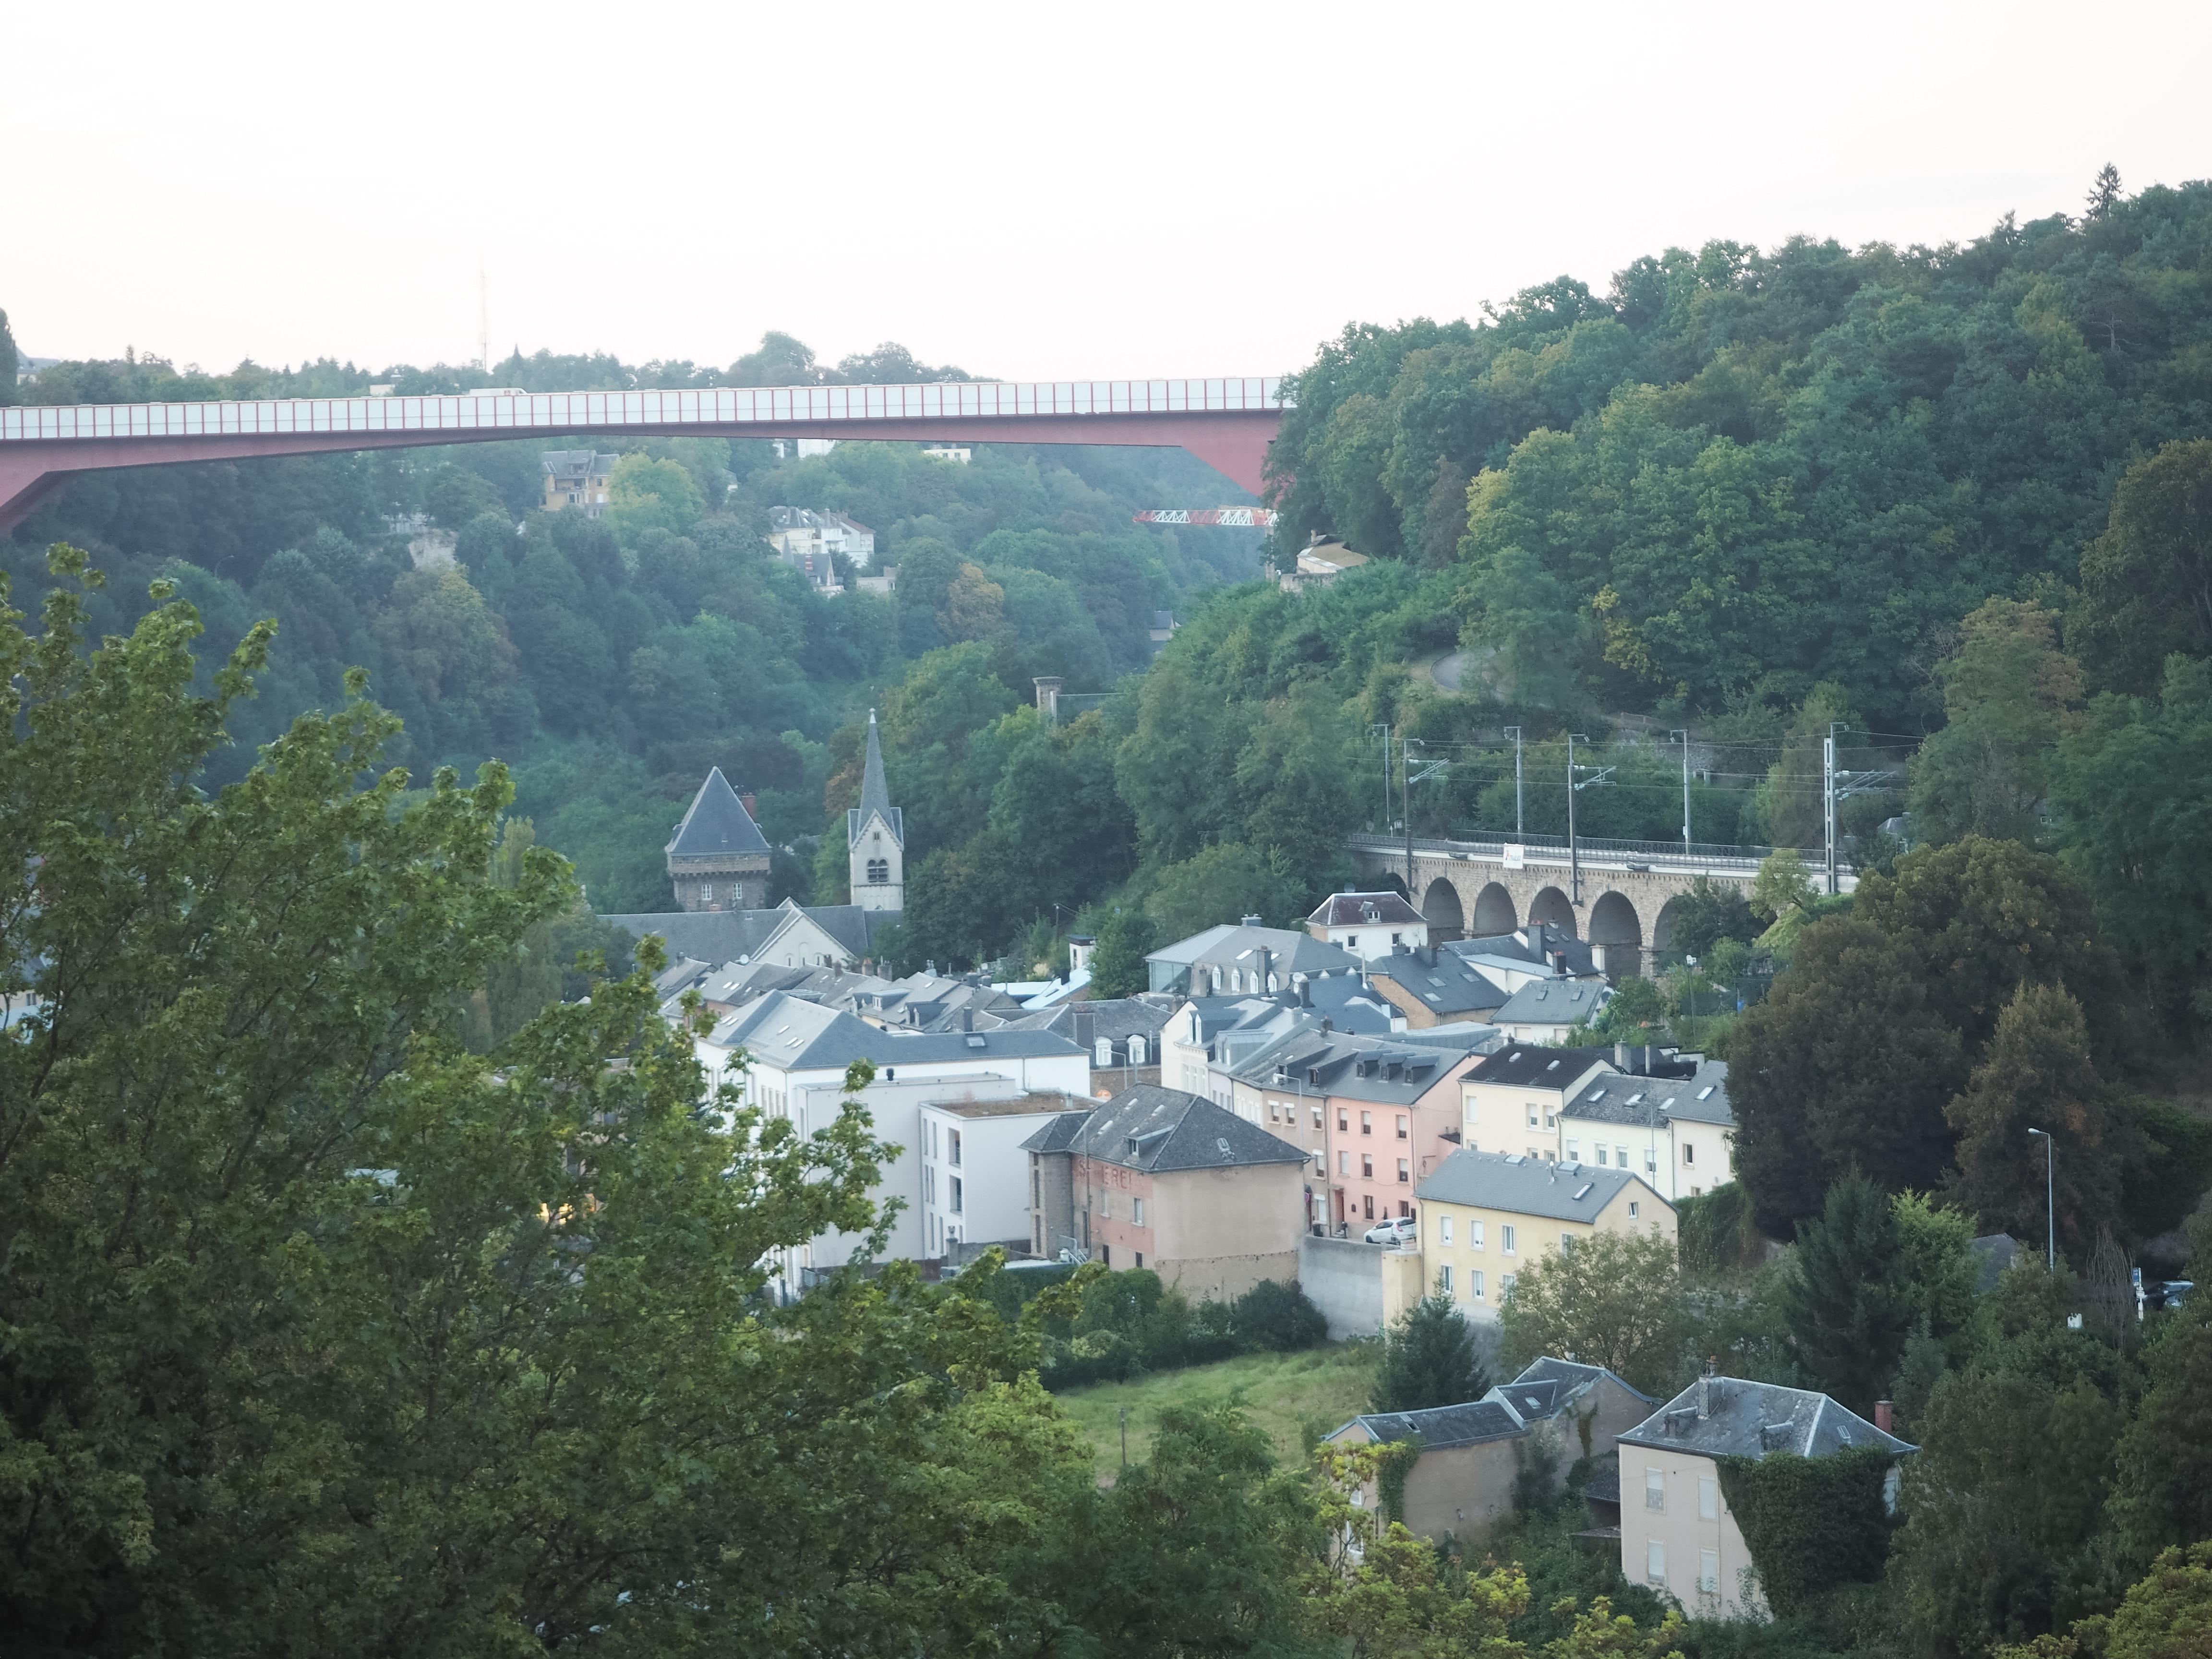 Blick auf die Unterstadt von Luxemburg.